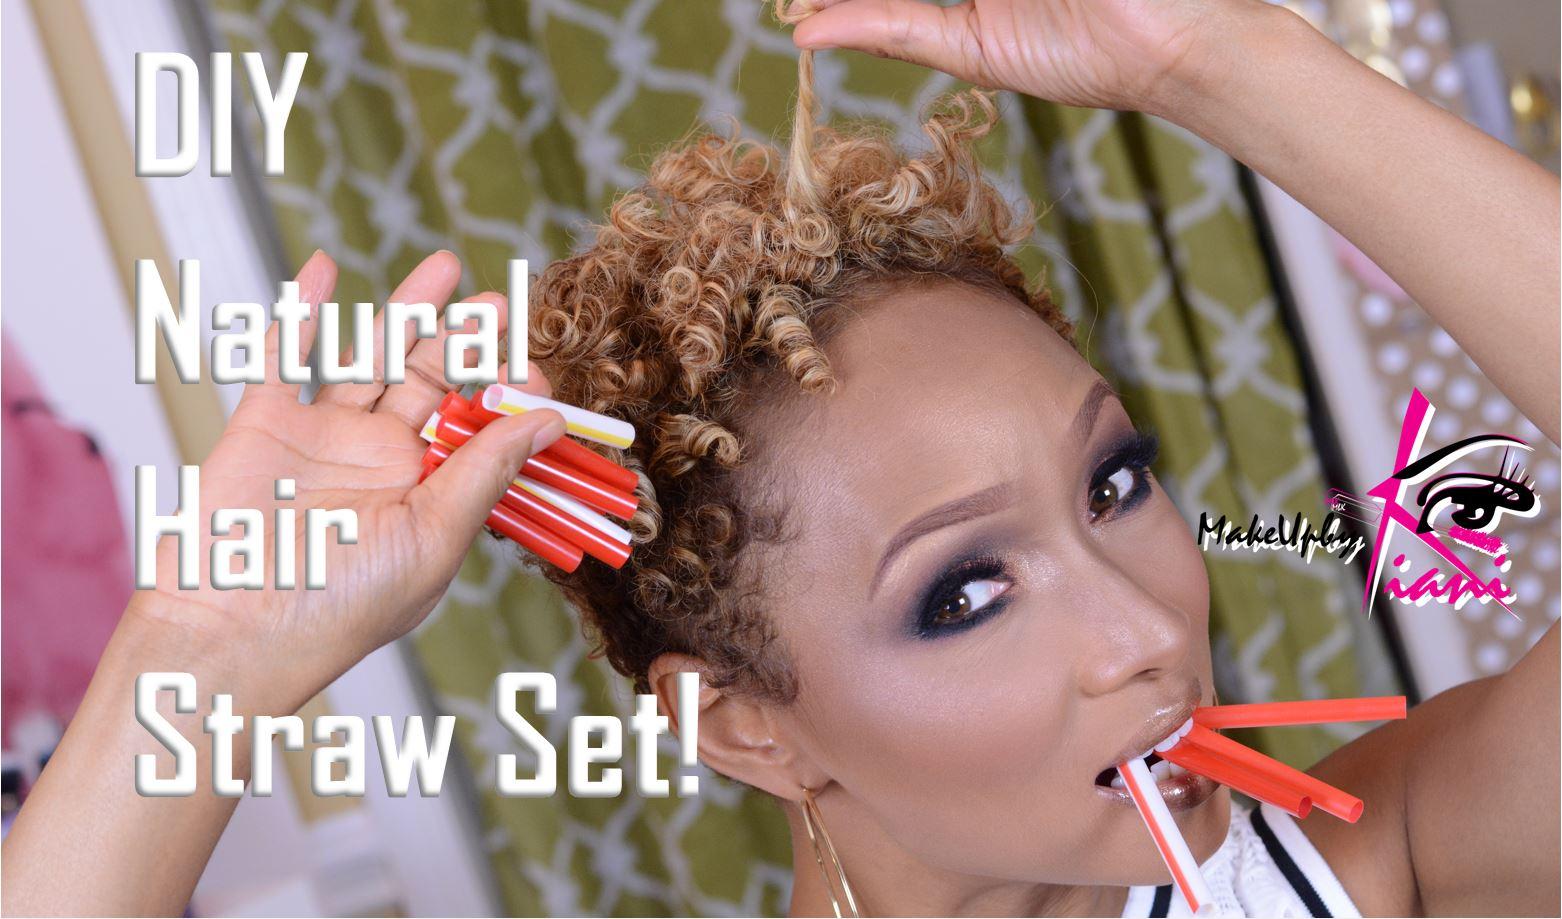 Makeupbykiani Diy Natural Hair Straw Set